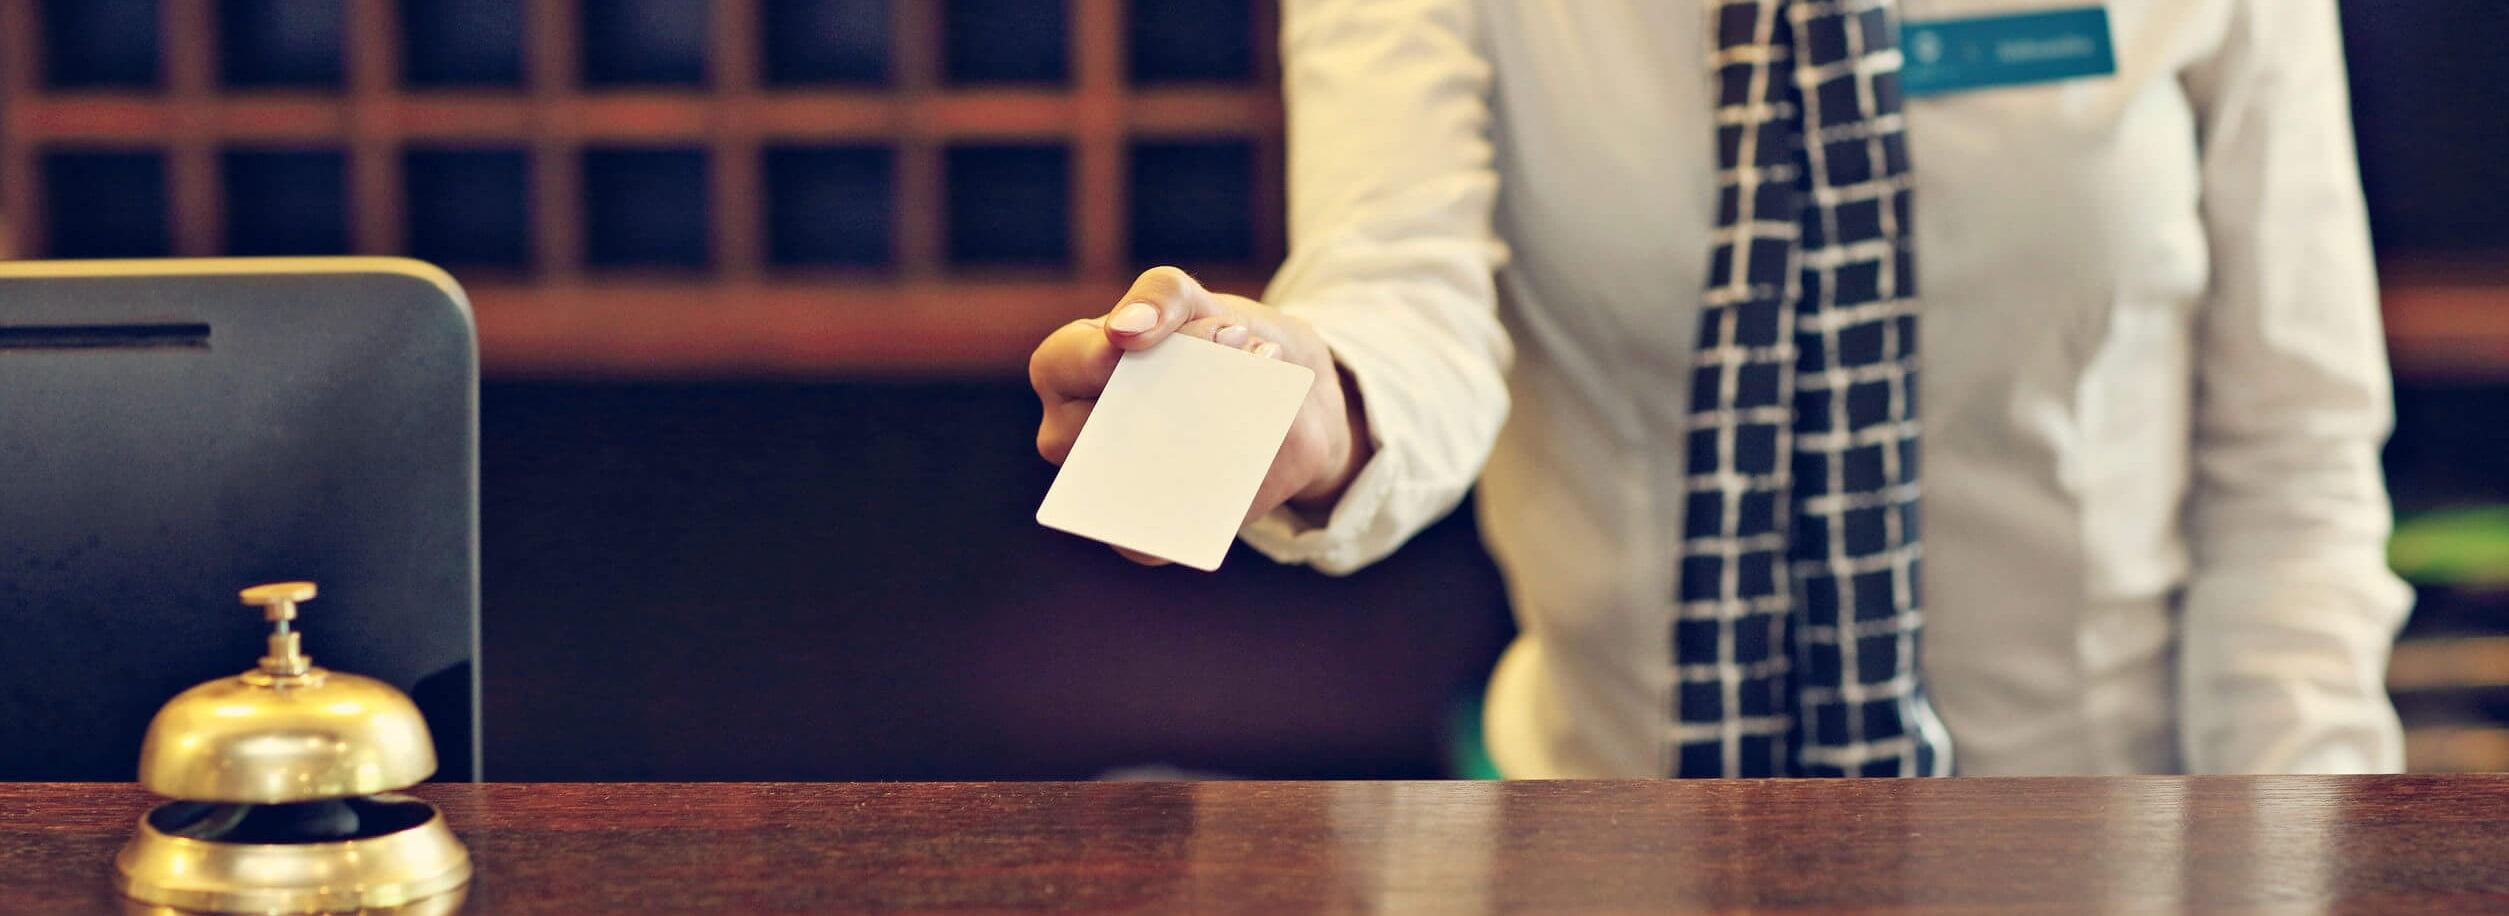 hotel card_key card